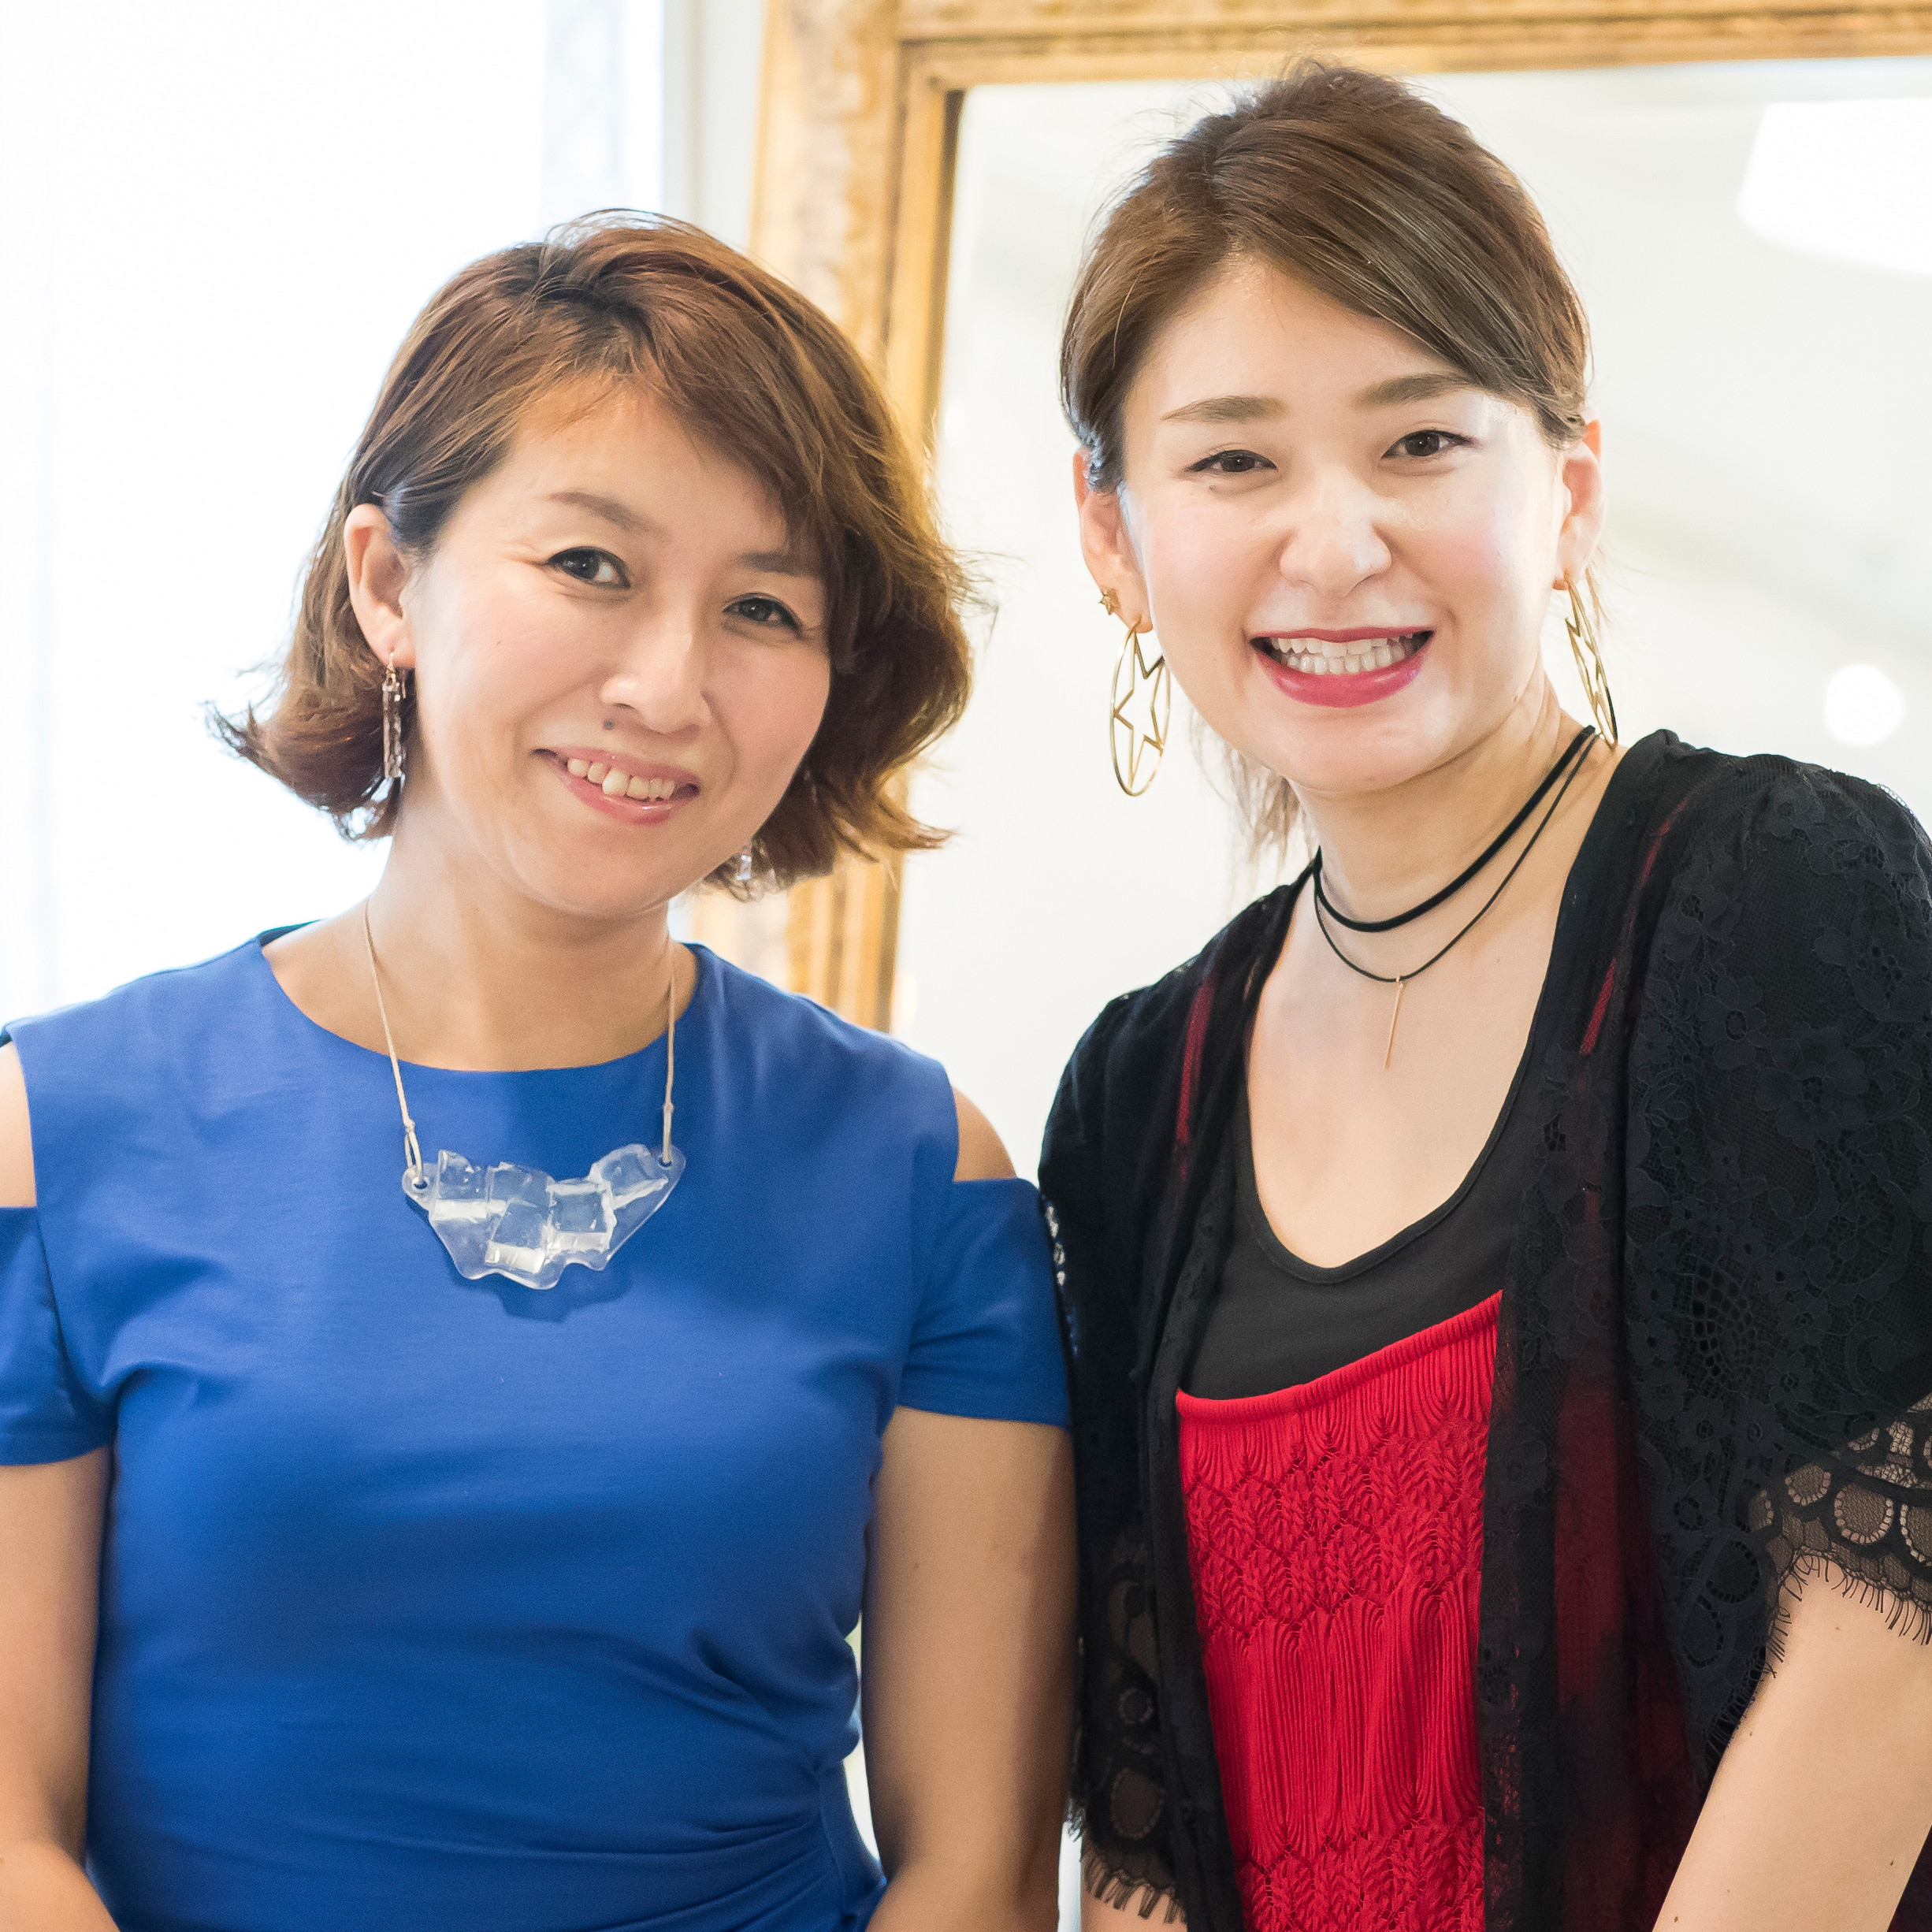 【『道を継ぐ』刊行記念対談】人生に迷ったらカリスマ女性美容師に聞け!GLAMOROUS代表TAKAKO(後編)〜「幸せな自分」を作れるのは、自分だけ〜